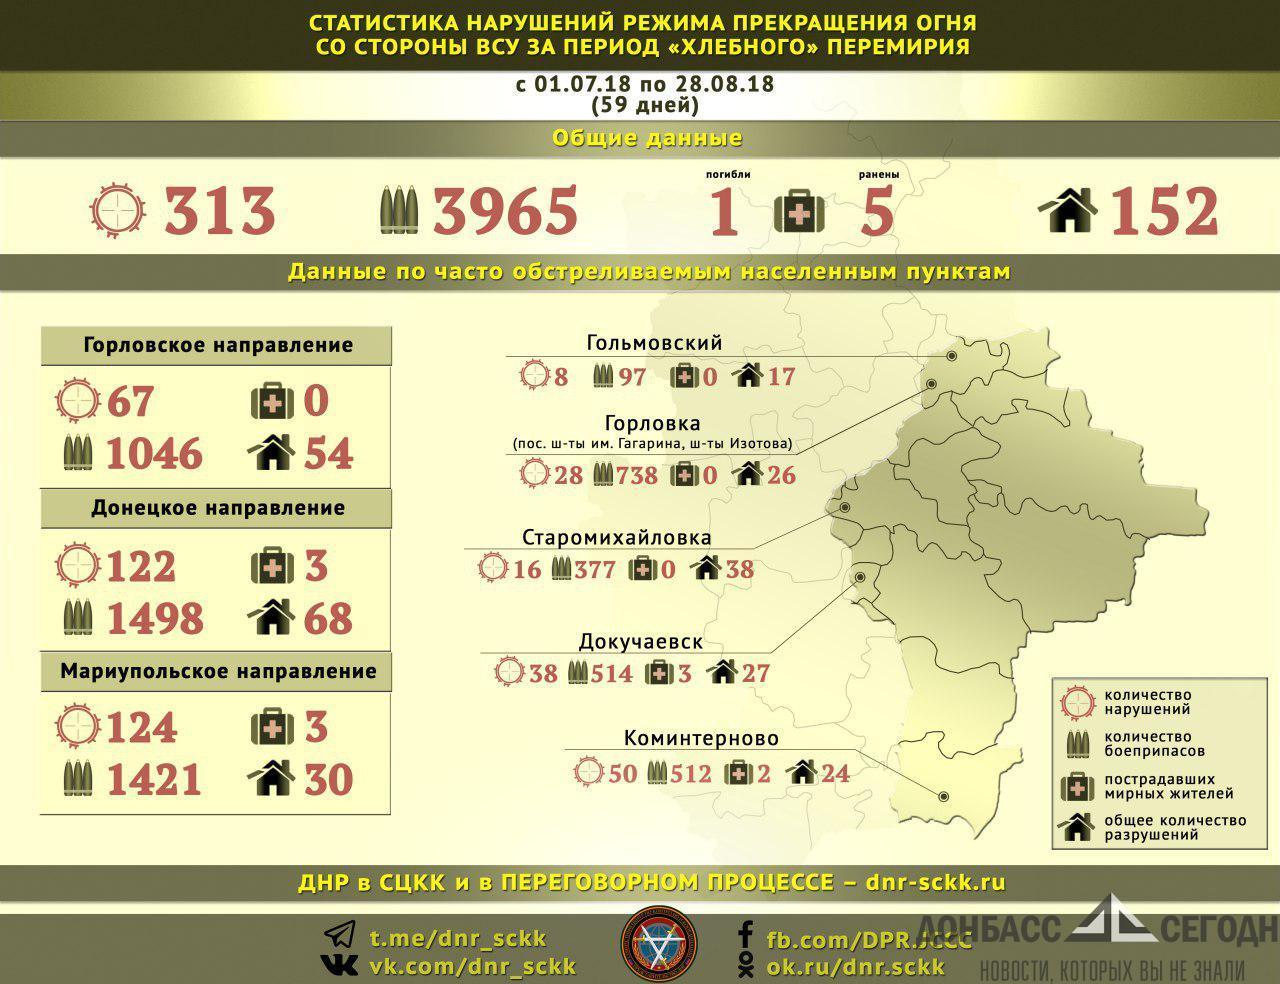 """""""Хлебное"""" перемирие в ДНР: 1 смерть, 5 ранений, почти 4000 боеприпасов"""